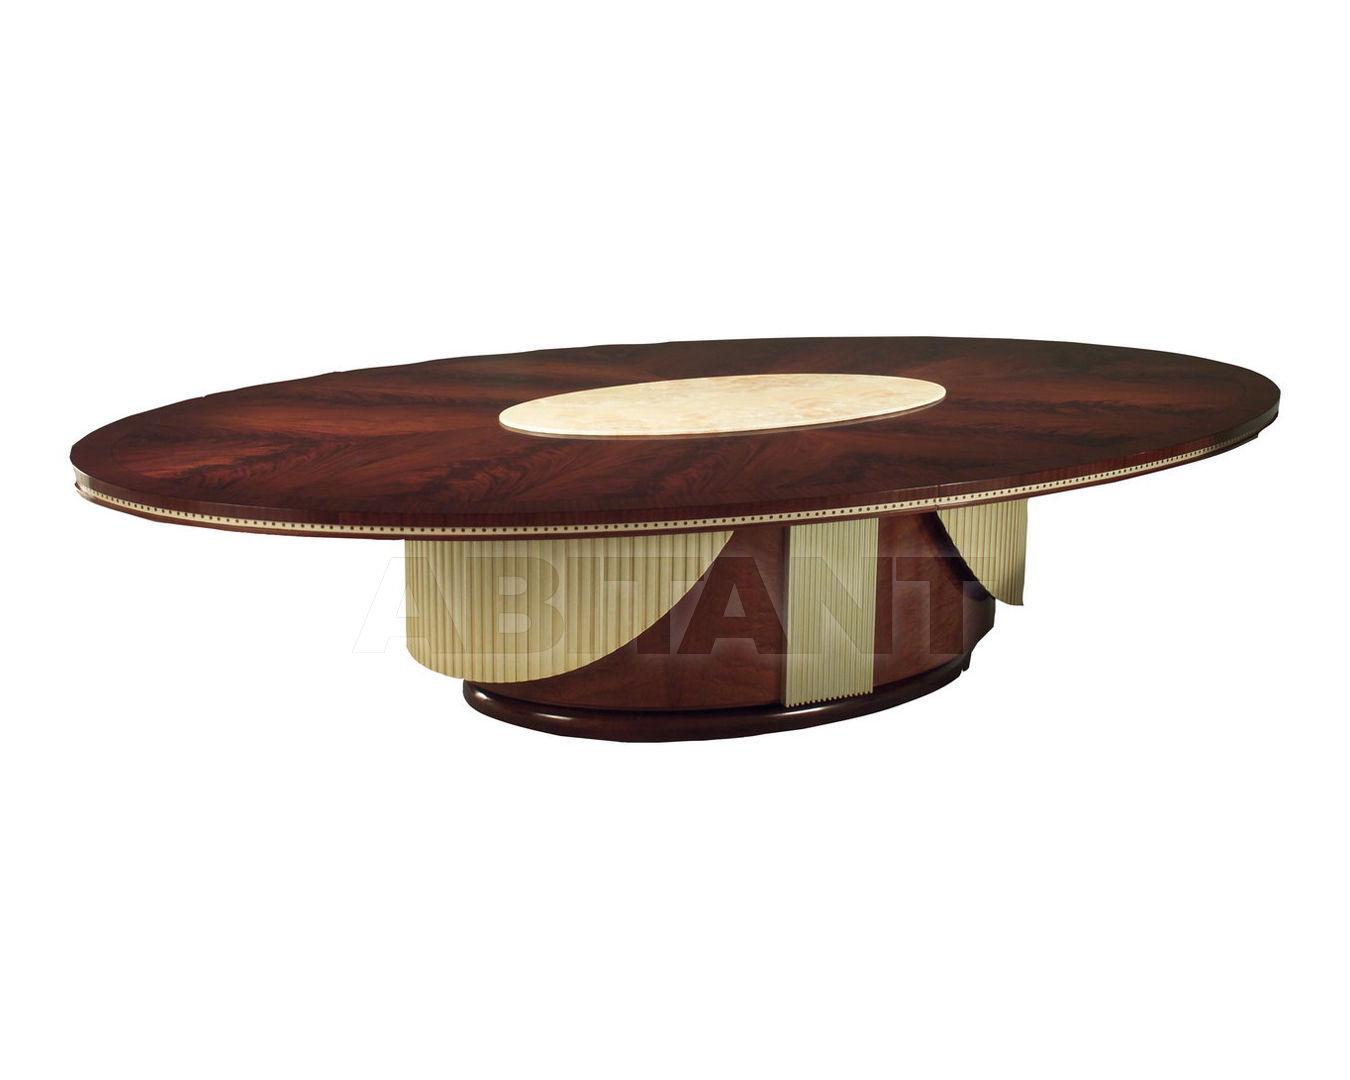 Купить Стол для конференц-залов Colombostile s.p.a. 2010 0137 TA